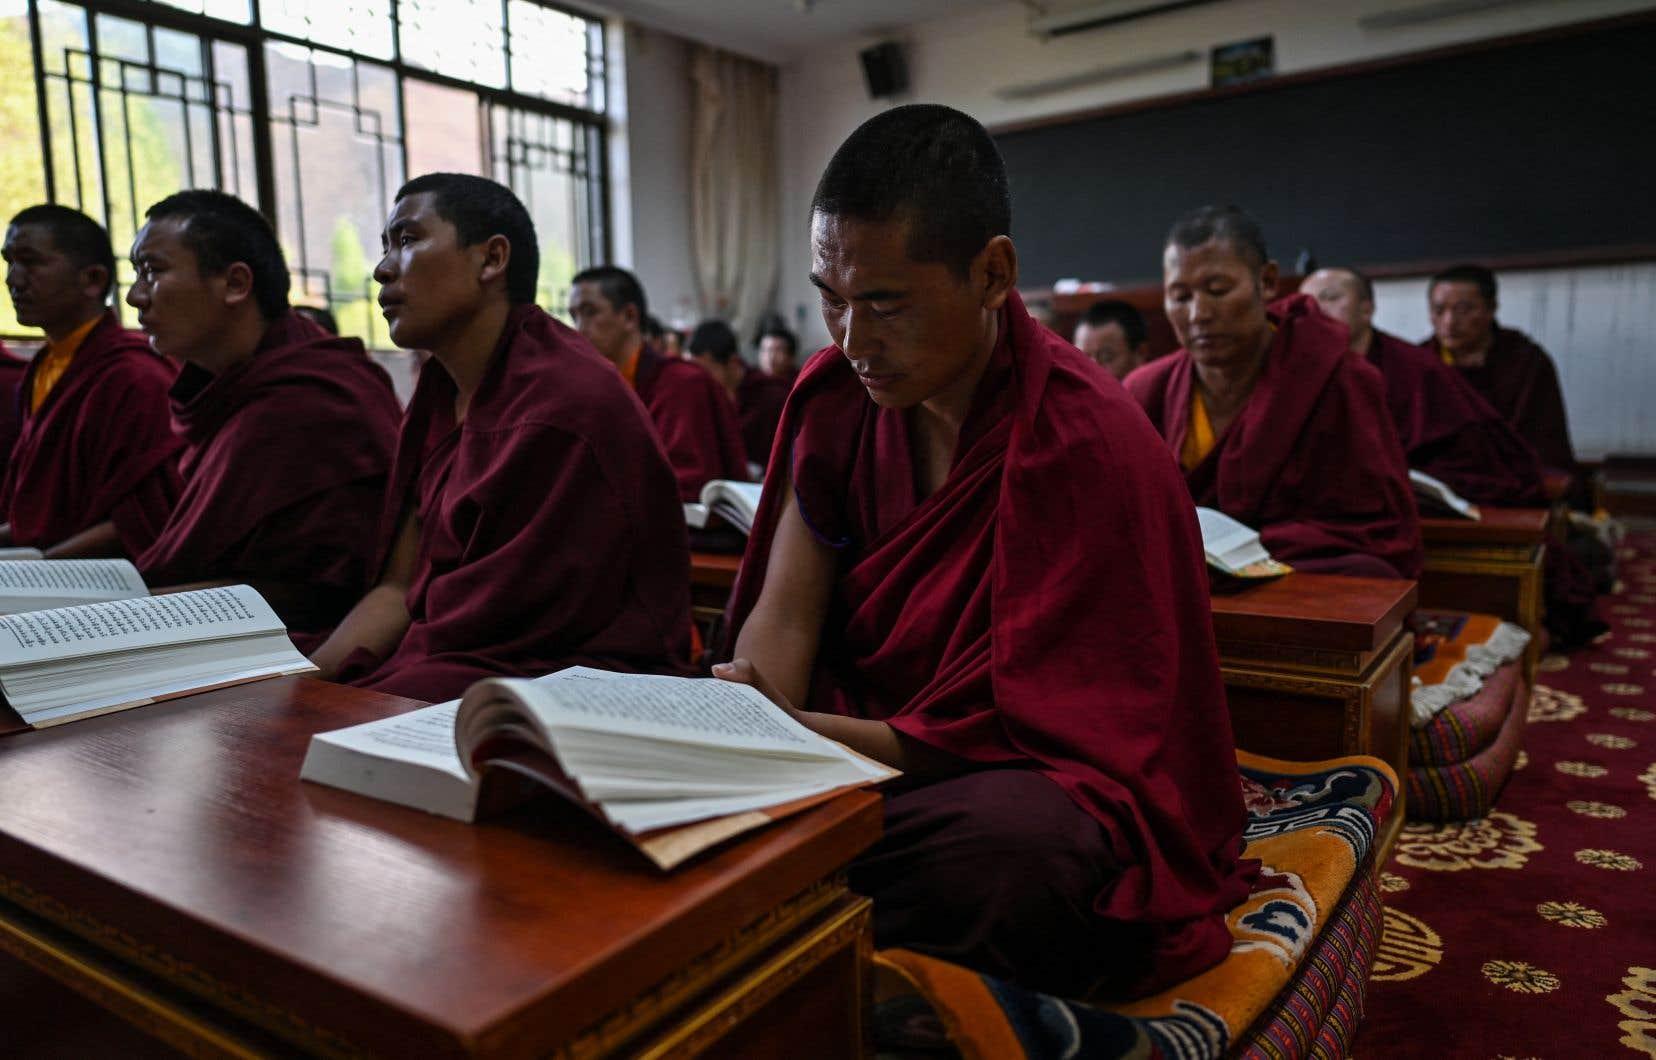 À l'Université du bouddhisme tibétain, les futurs moines reçoivent des cours de politique loin du dalaï-lama, dont l'image reste bannie sur le toit du monde.